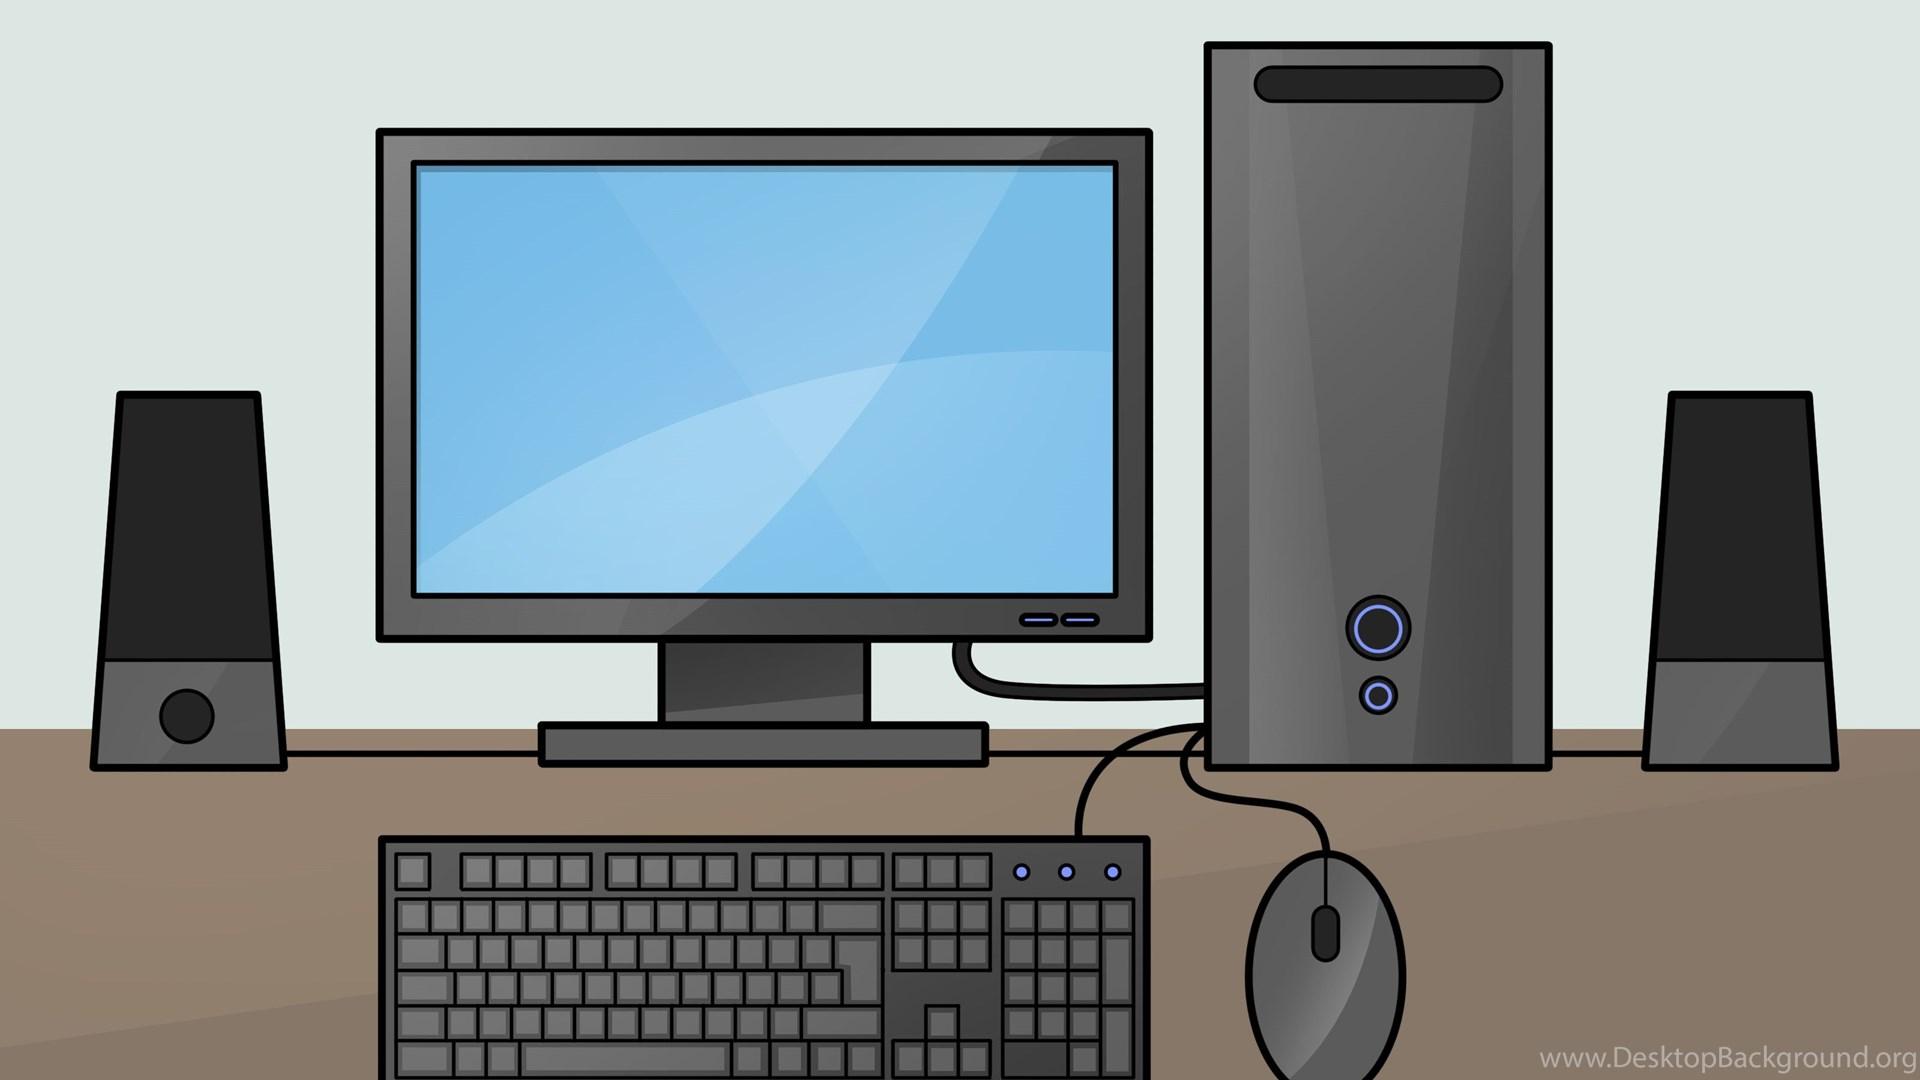 Computer Parts Diagram Pictures Hd Images New Desktop